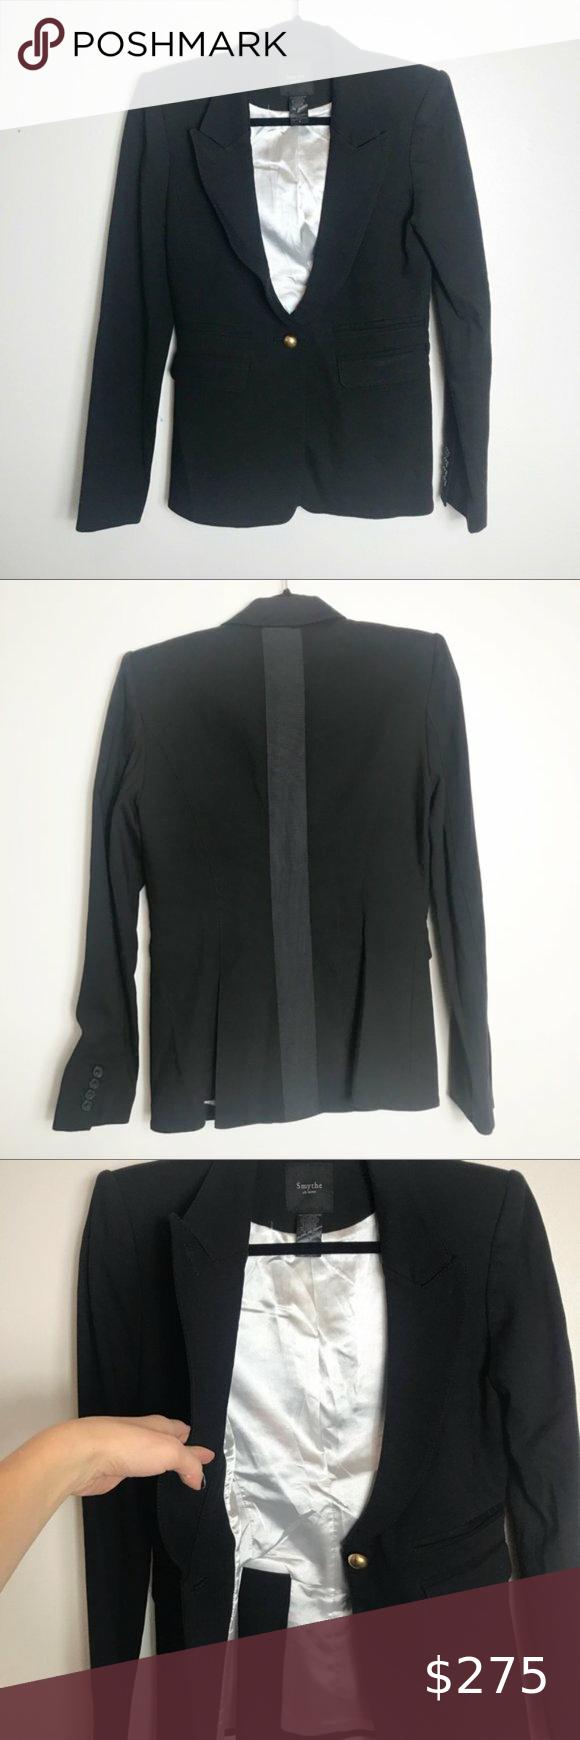 Smythe Single Button Black Suit Jacket Smythe Suit Jacket Coat Blazer Black Fully Lined Single Button Closure G Black Suit Jacket Black Suits Blazer [ 1740 x 580 Pixel ]